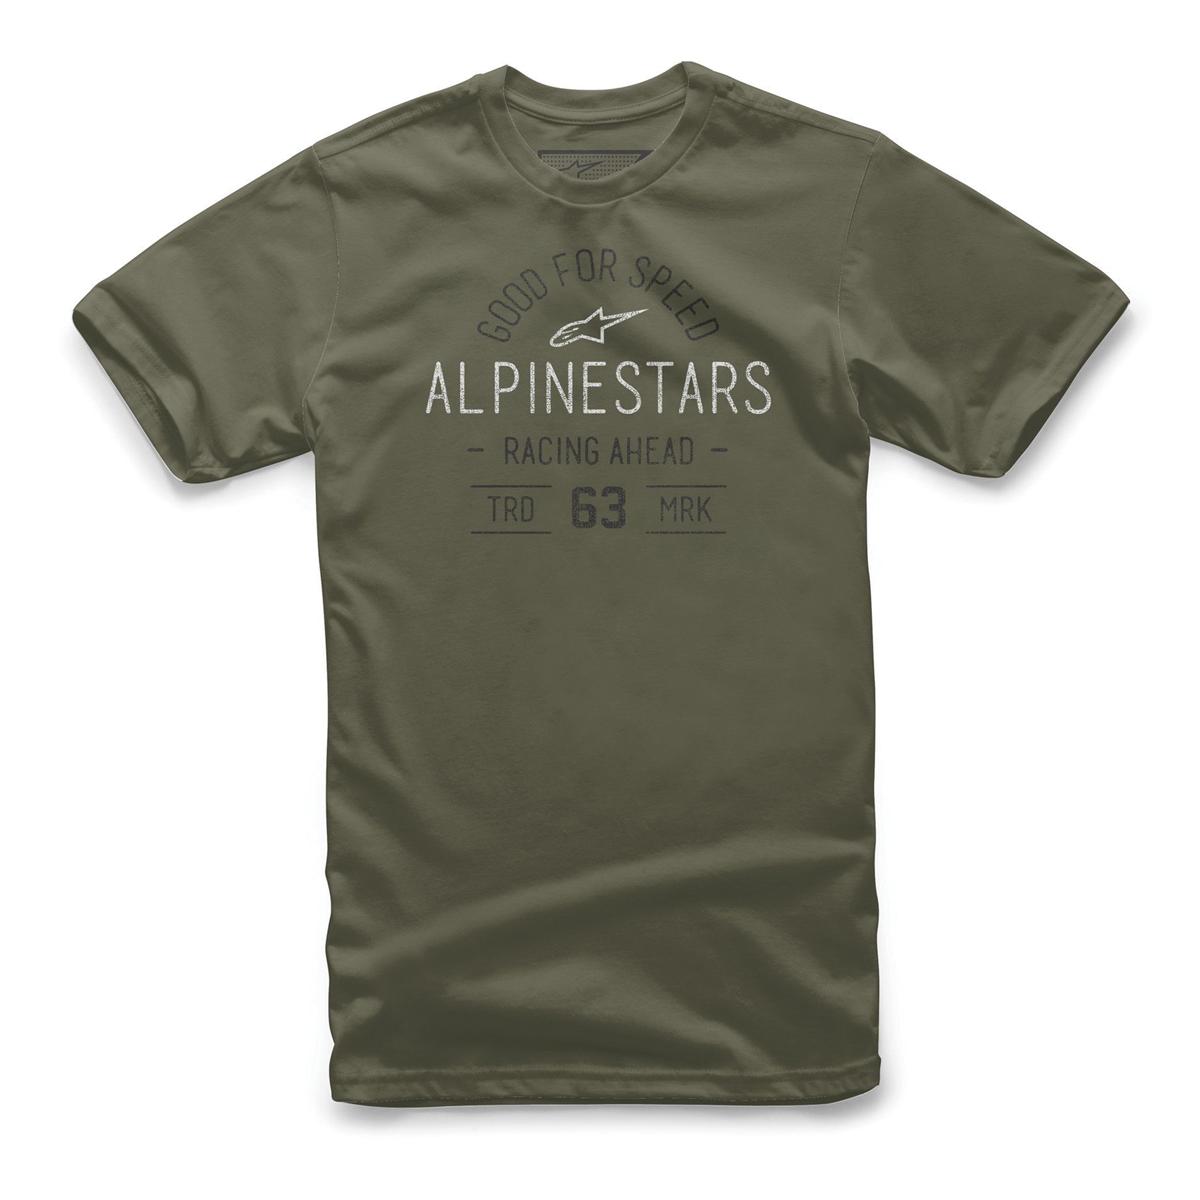 Alpinestars Mens Vintage T-Shirt Regular Fit Short Sleeve